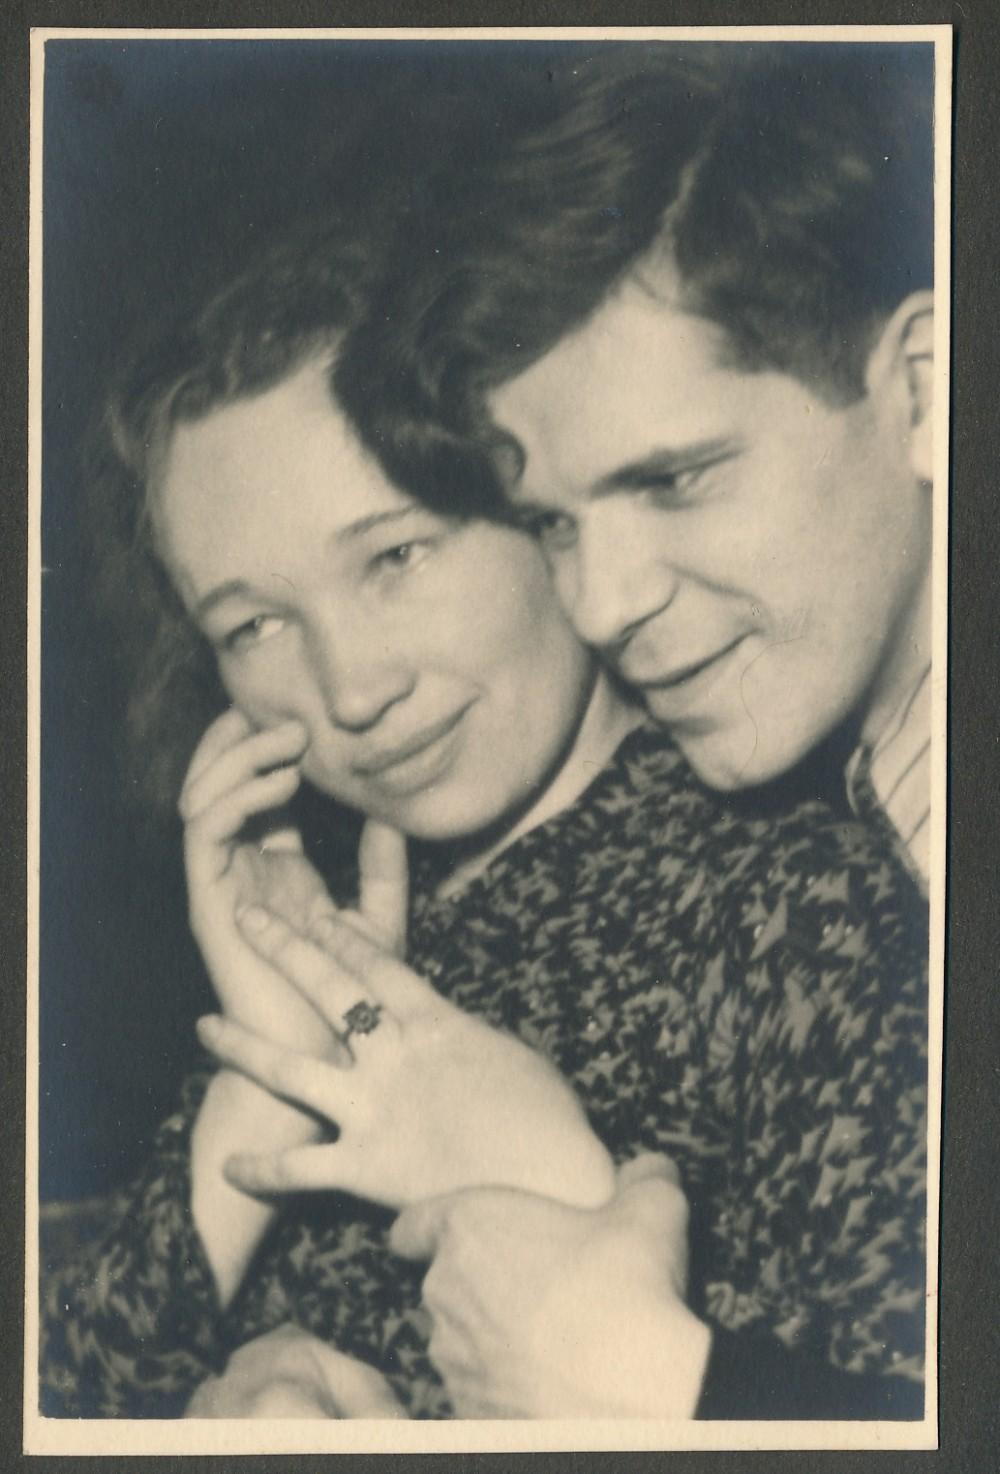 Laimingi jaunavedžiai. J. V. Skuodžio fotografija iš dovanoto albumo. 1941 m.